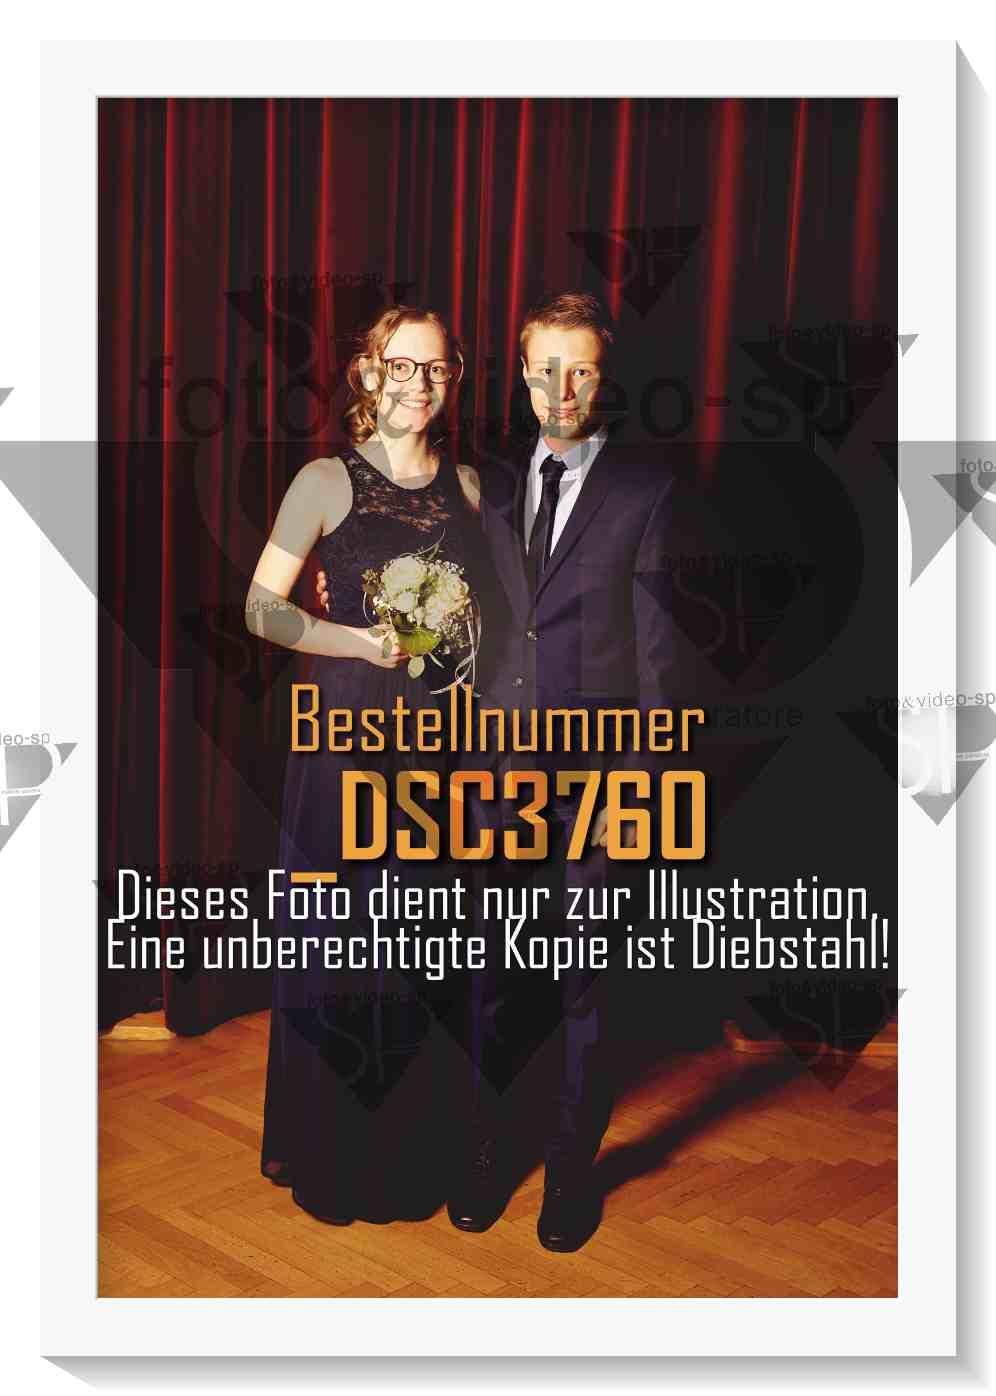 DSC3760